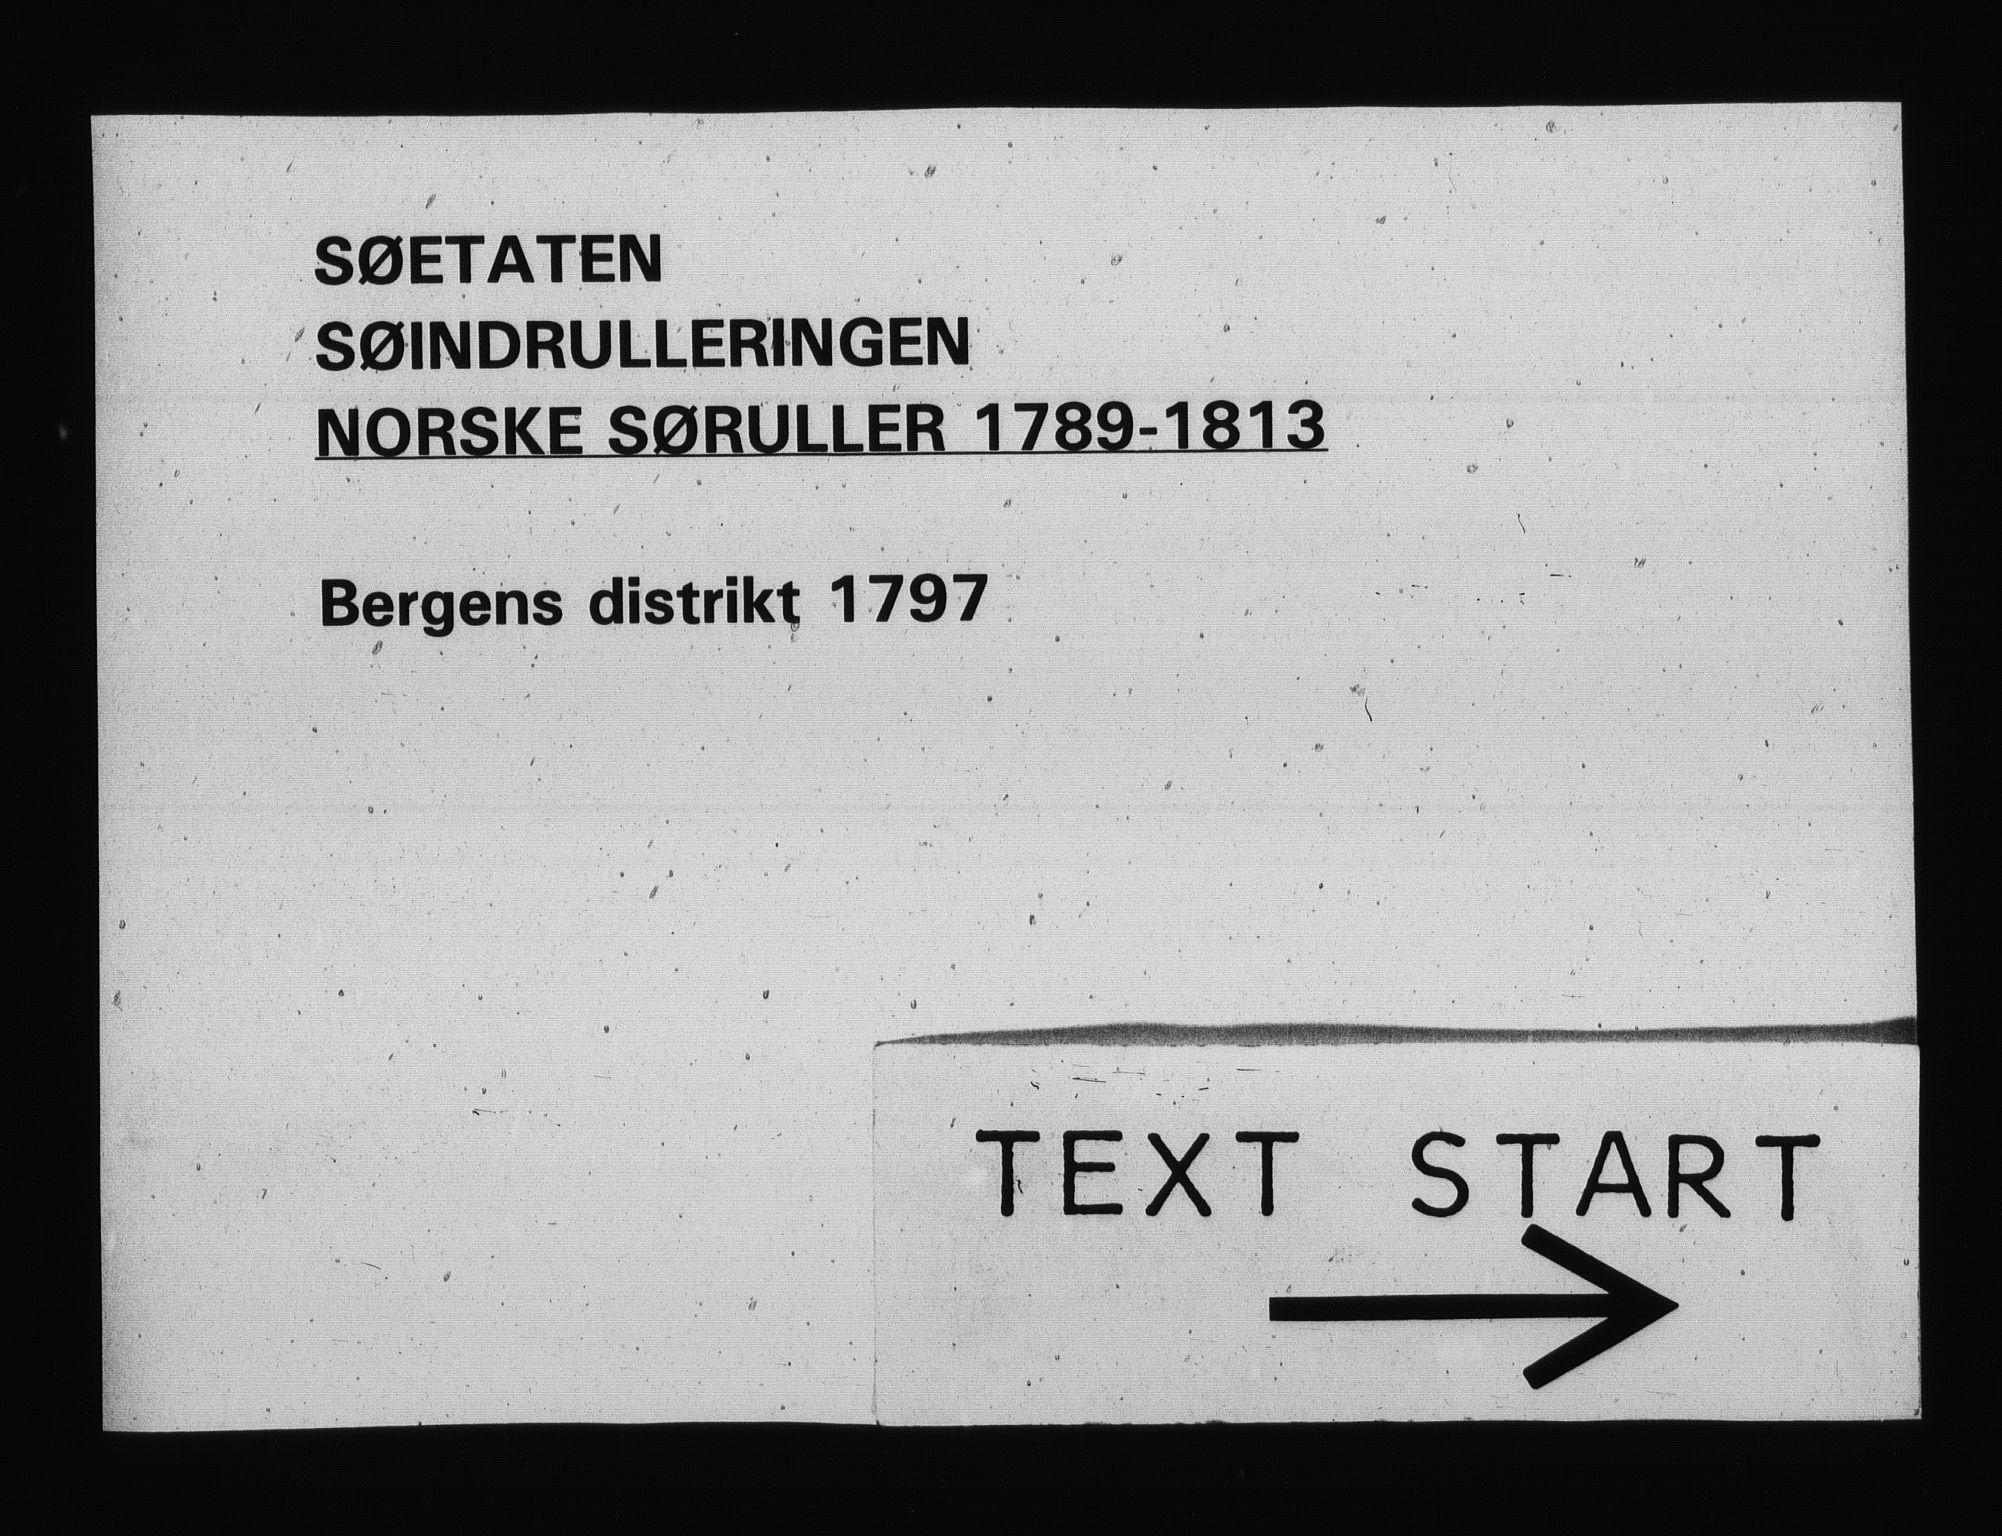 RA, Sjøetaten, F/L0226: Bergen distrikt, bind 1, 1797